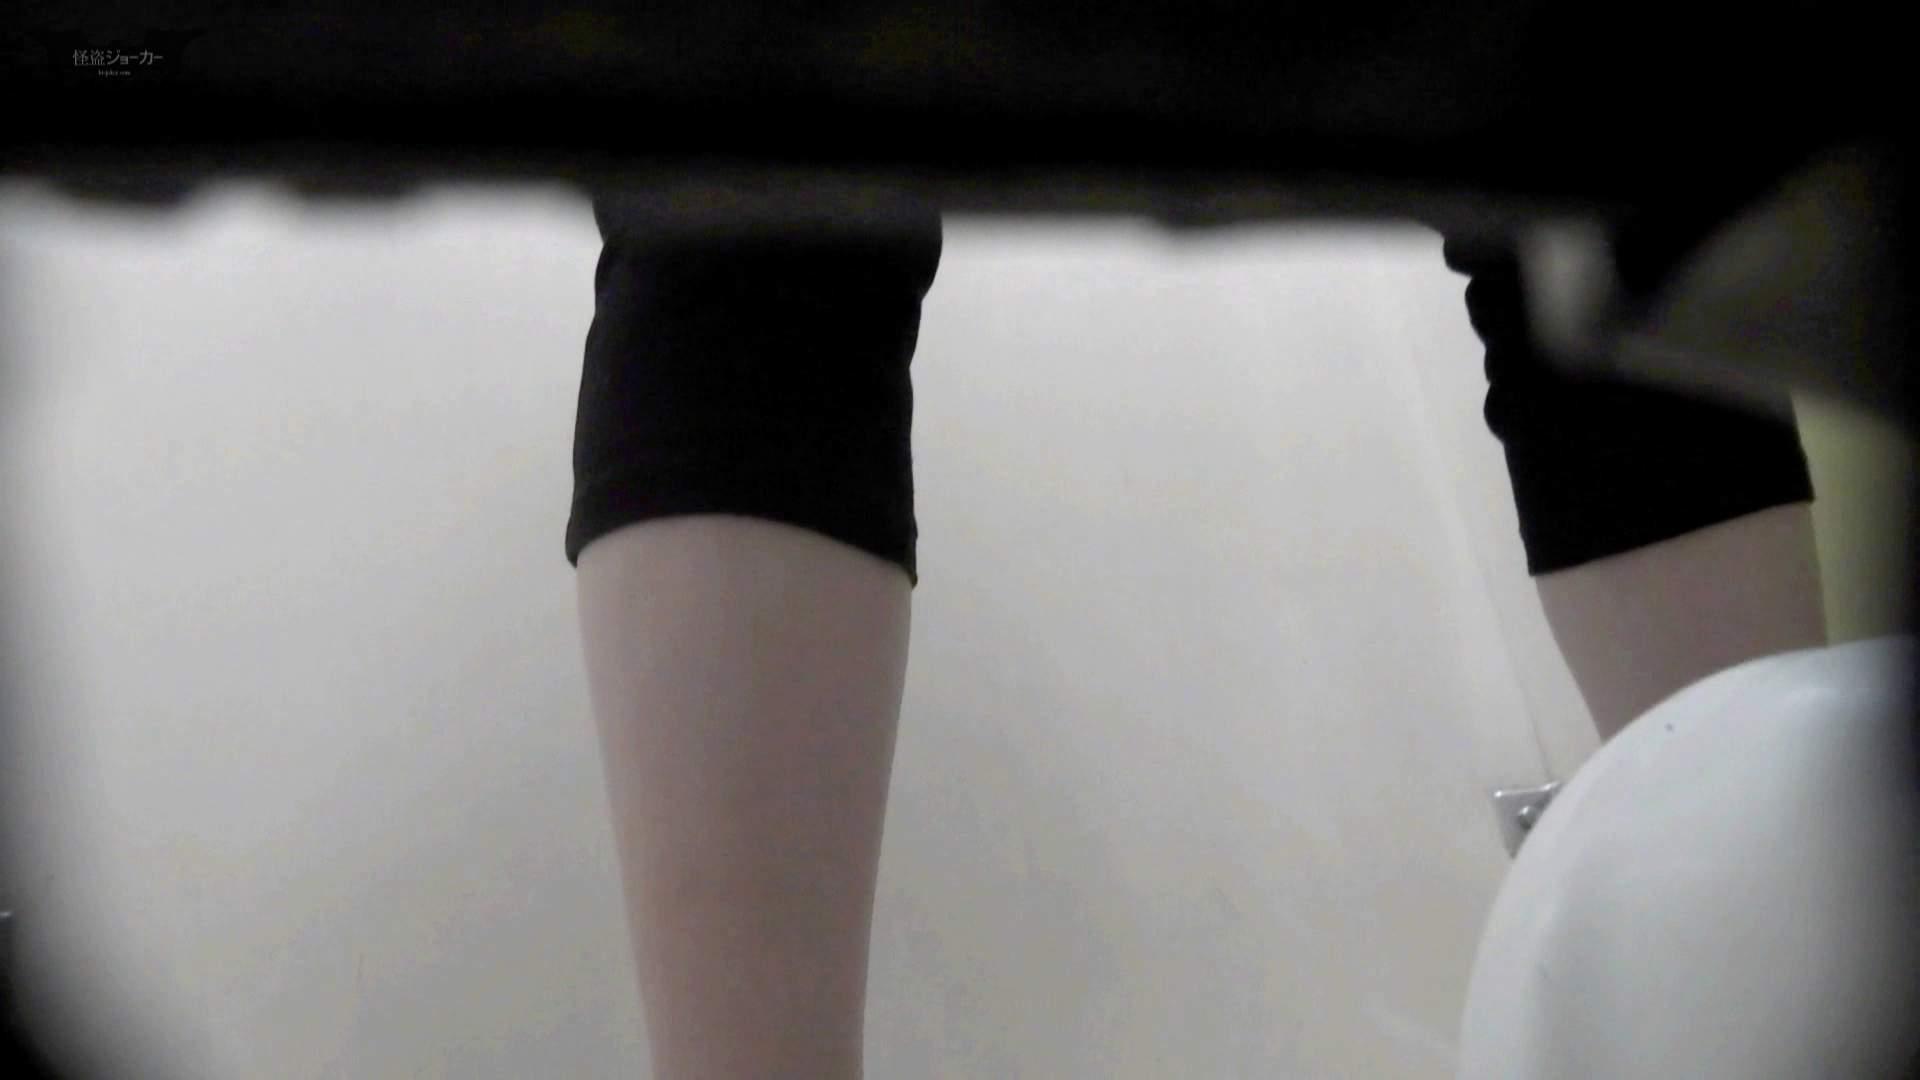 洗面所特攻隊 vol.68 前回のスーパー美女がついに【2015・14位】 OLの実態  47pic 21